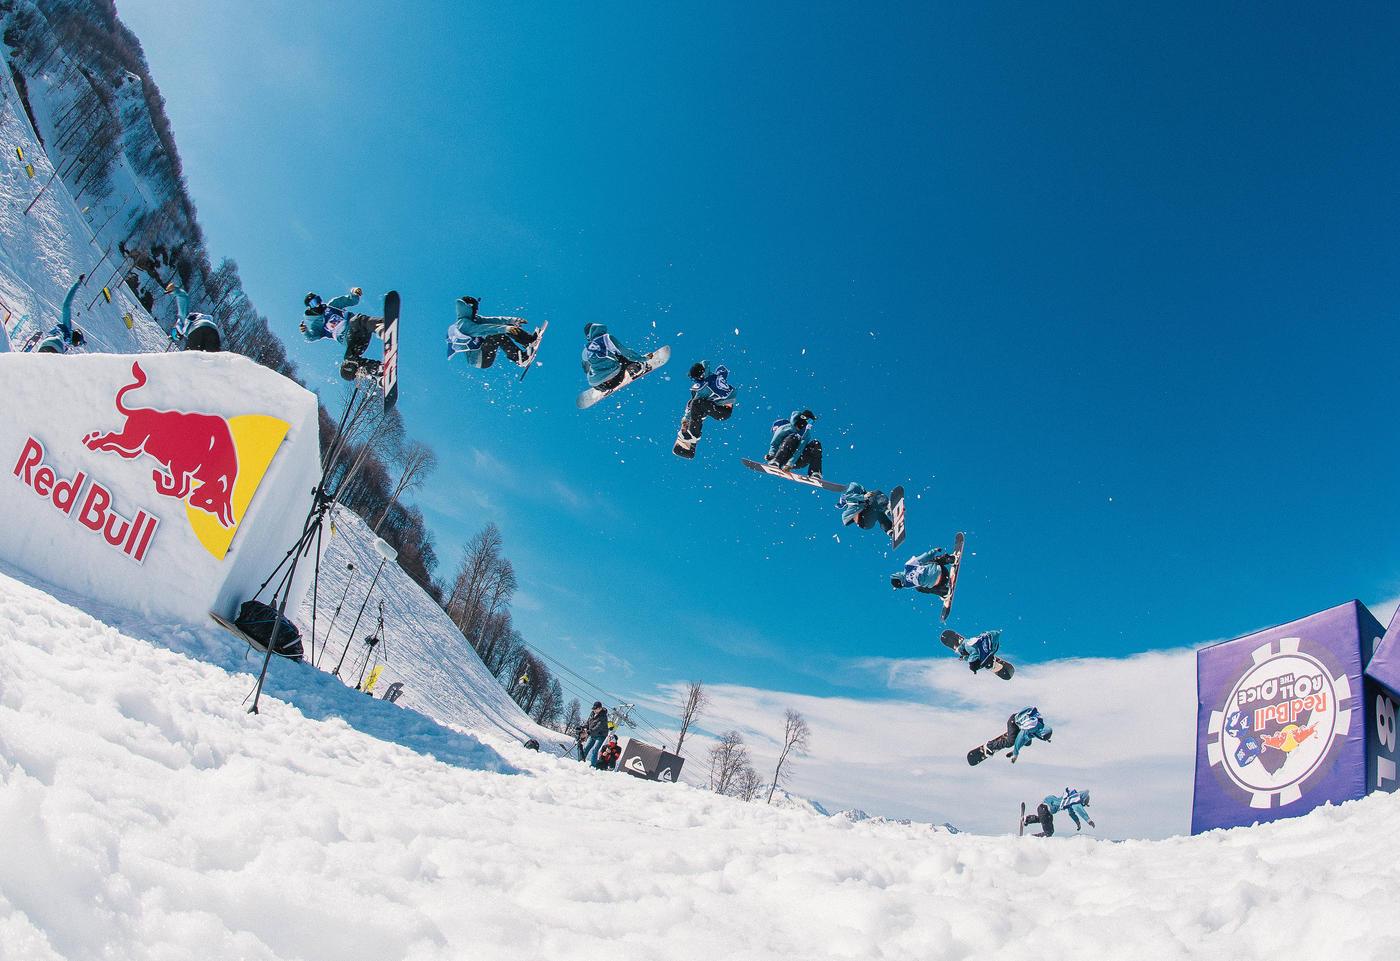 Самый азартный контест сезона Red Bull the Dice пройдет на горнолыжном курорте «Роза Хутор» 3 апреля - фото